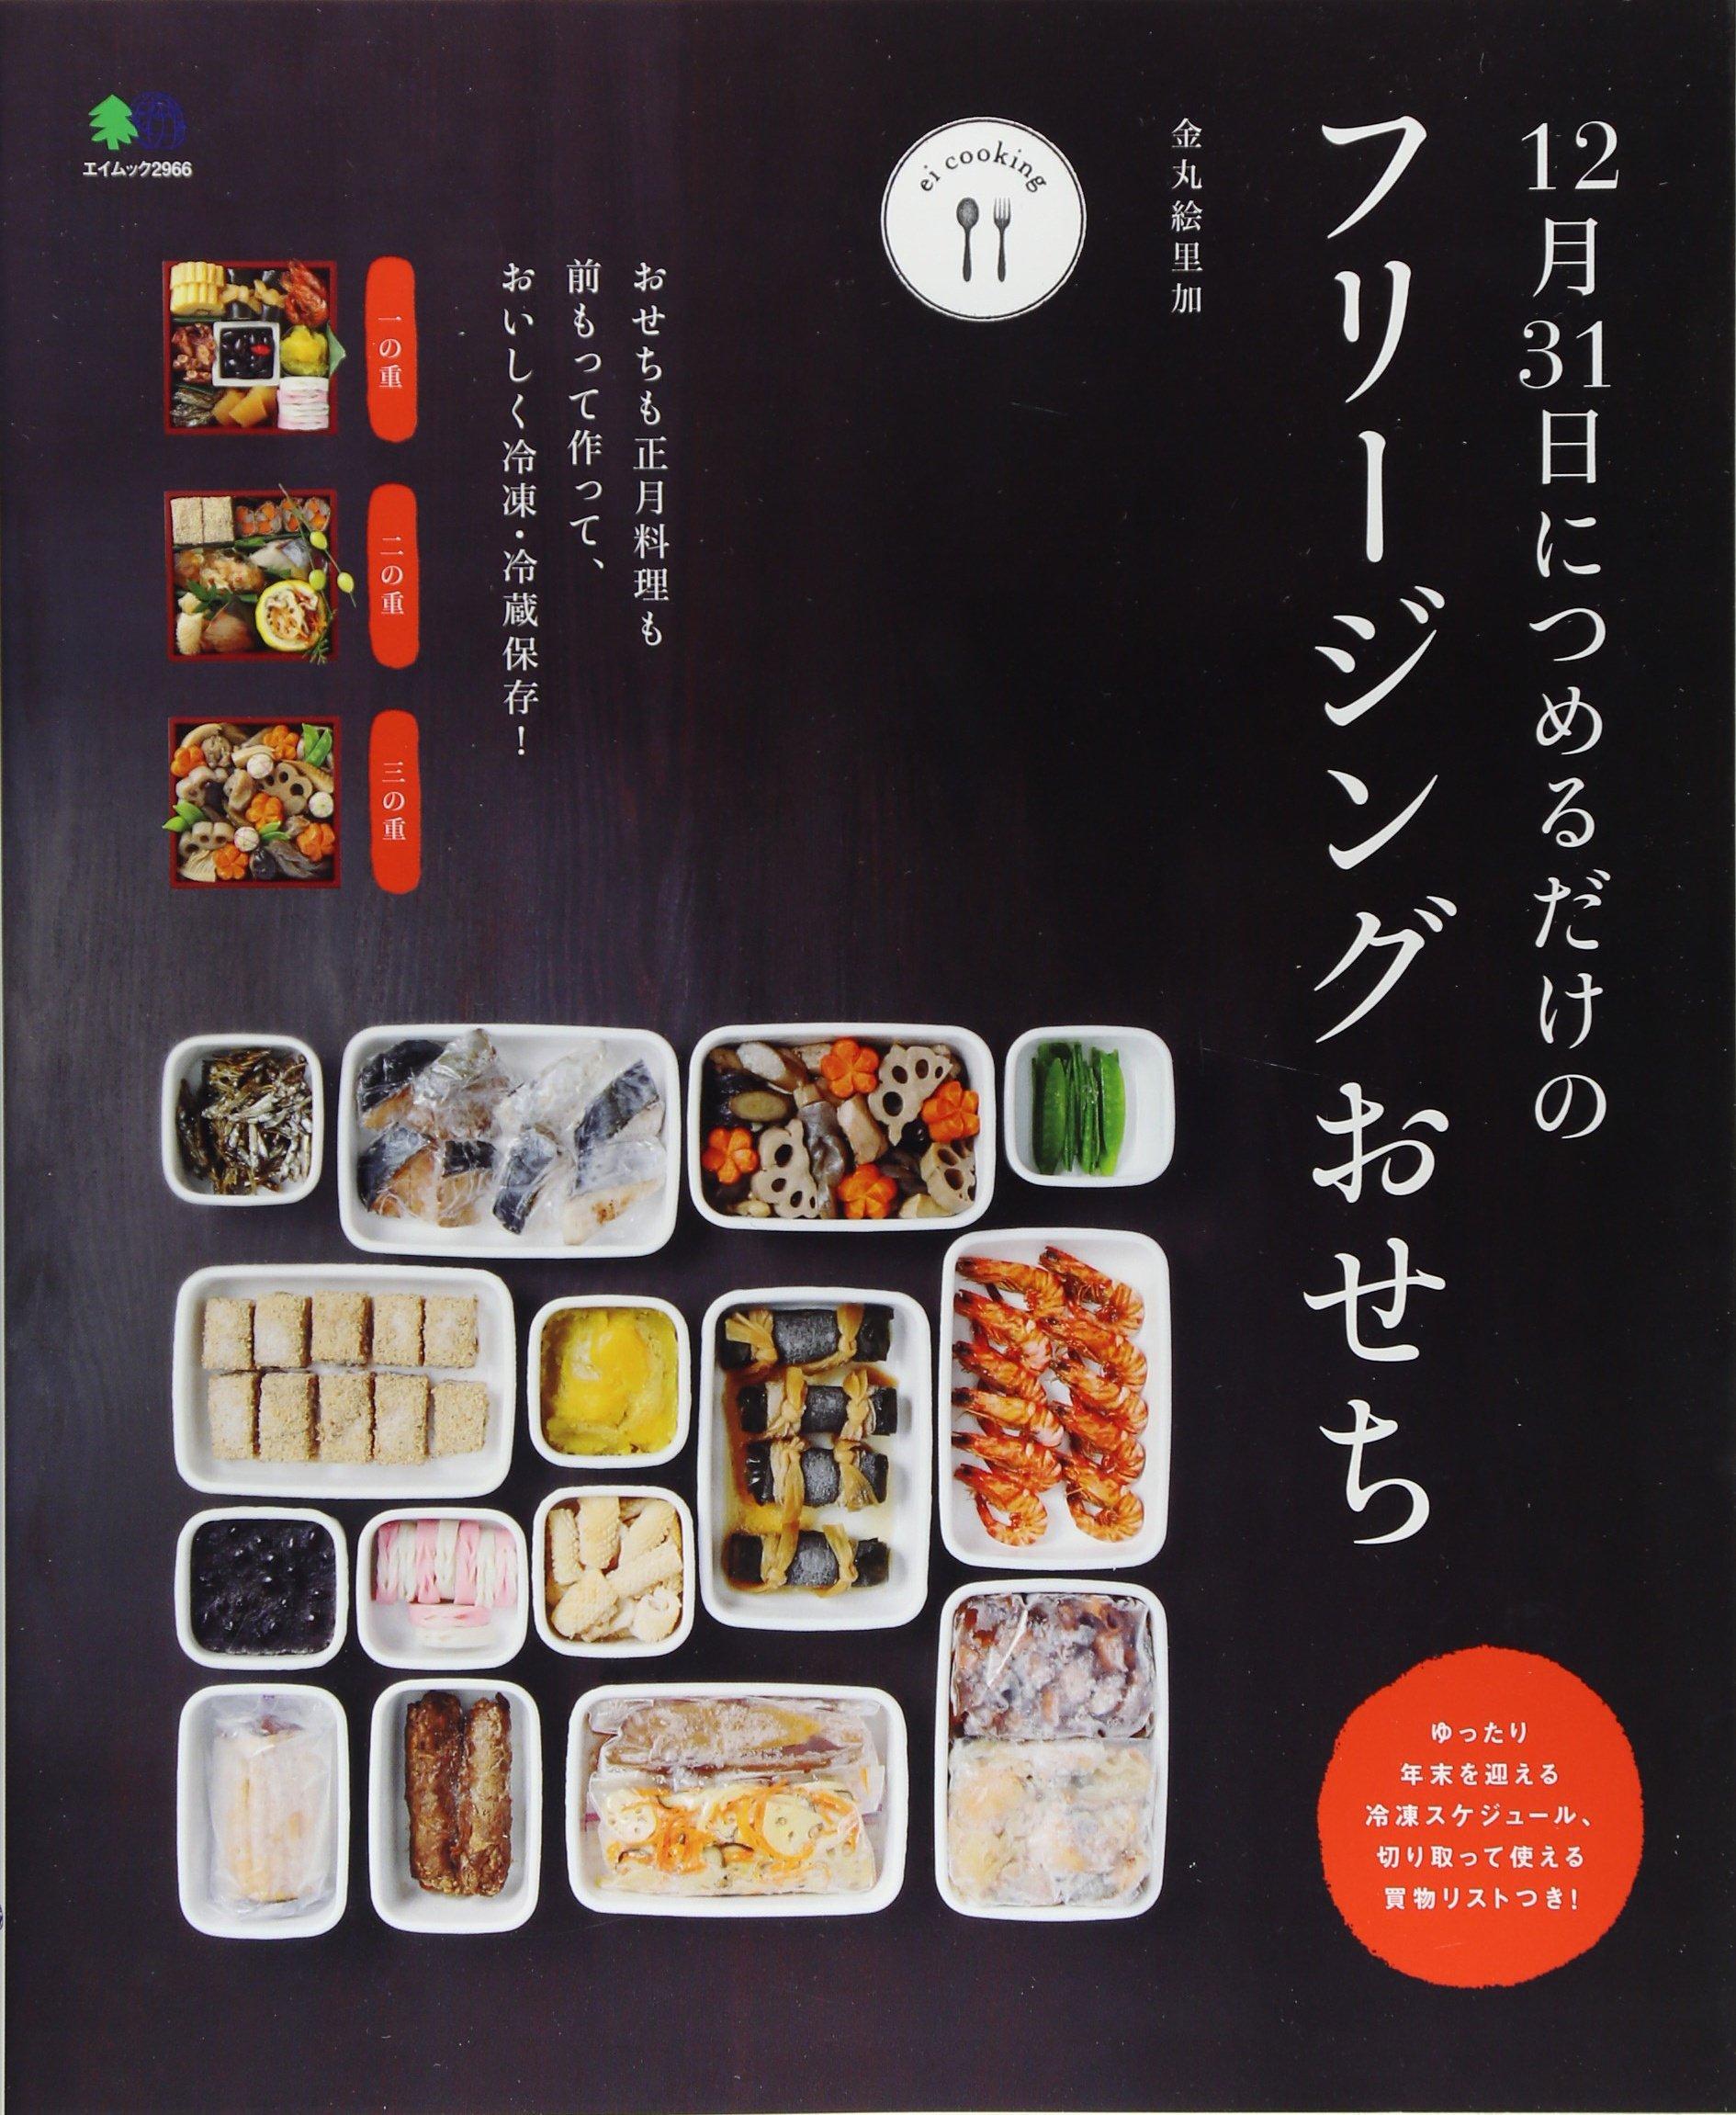 Jūnigatsu sanjūichinichi ni tsumeru dake no furījingu osechi pdf